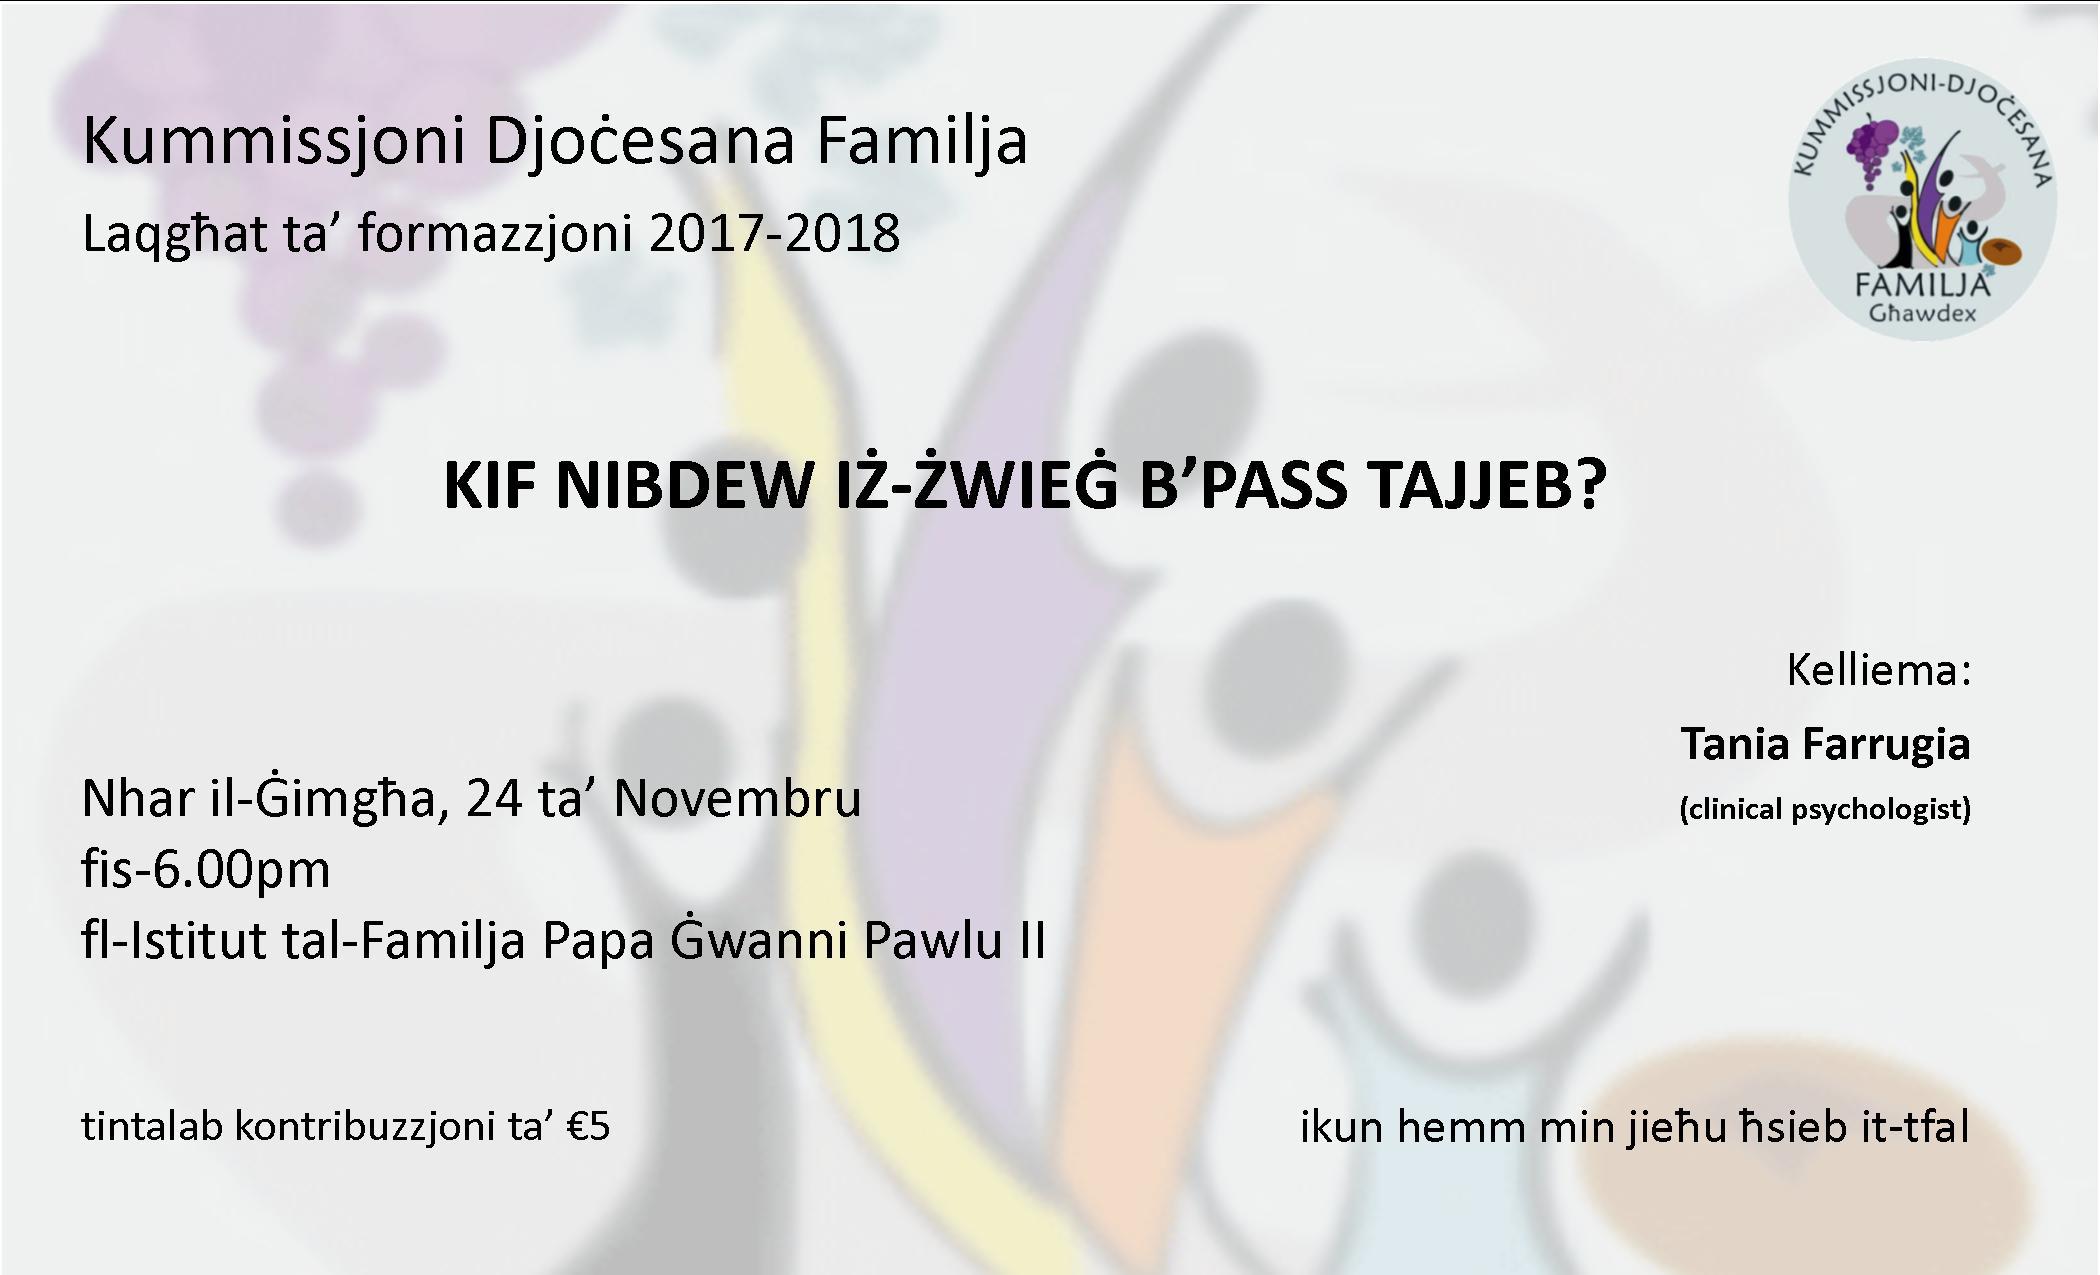 kif-nibdew-iz-zwieg-b-pass-tajjeb-24nov2017.jpg